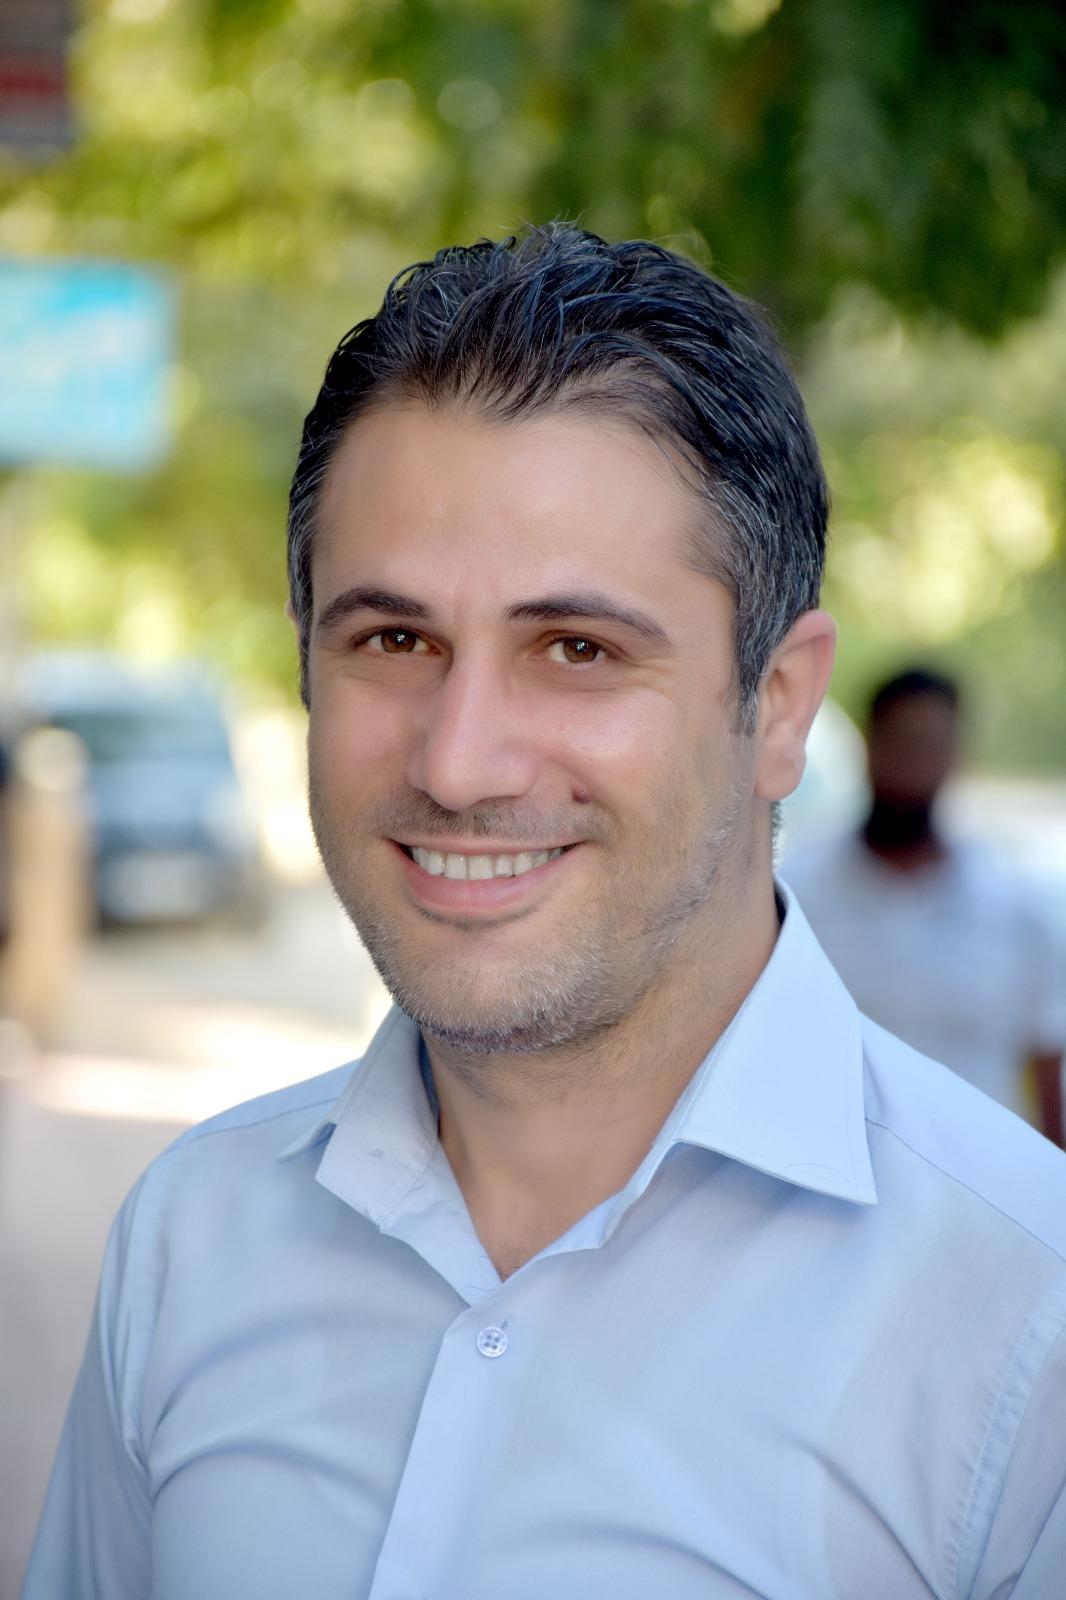 Yusuf Salih Arıtürk